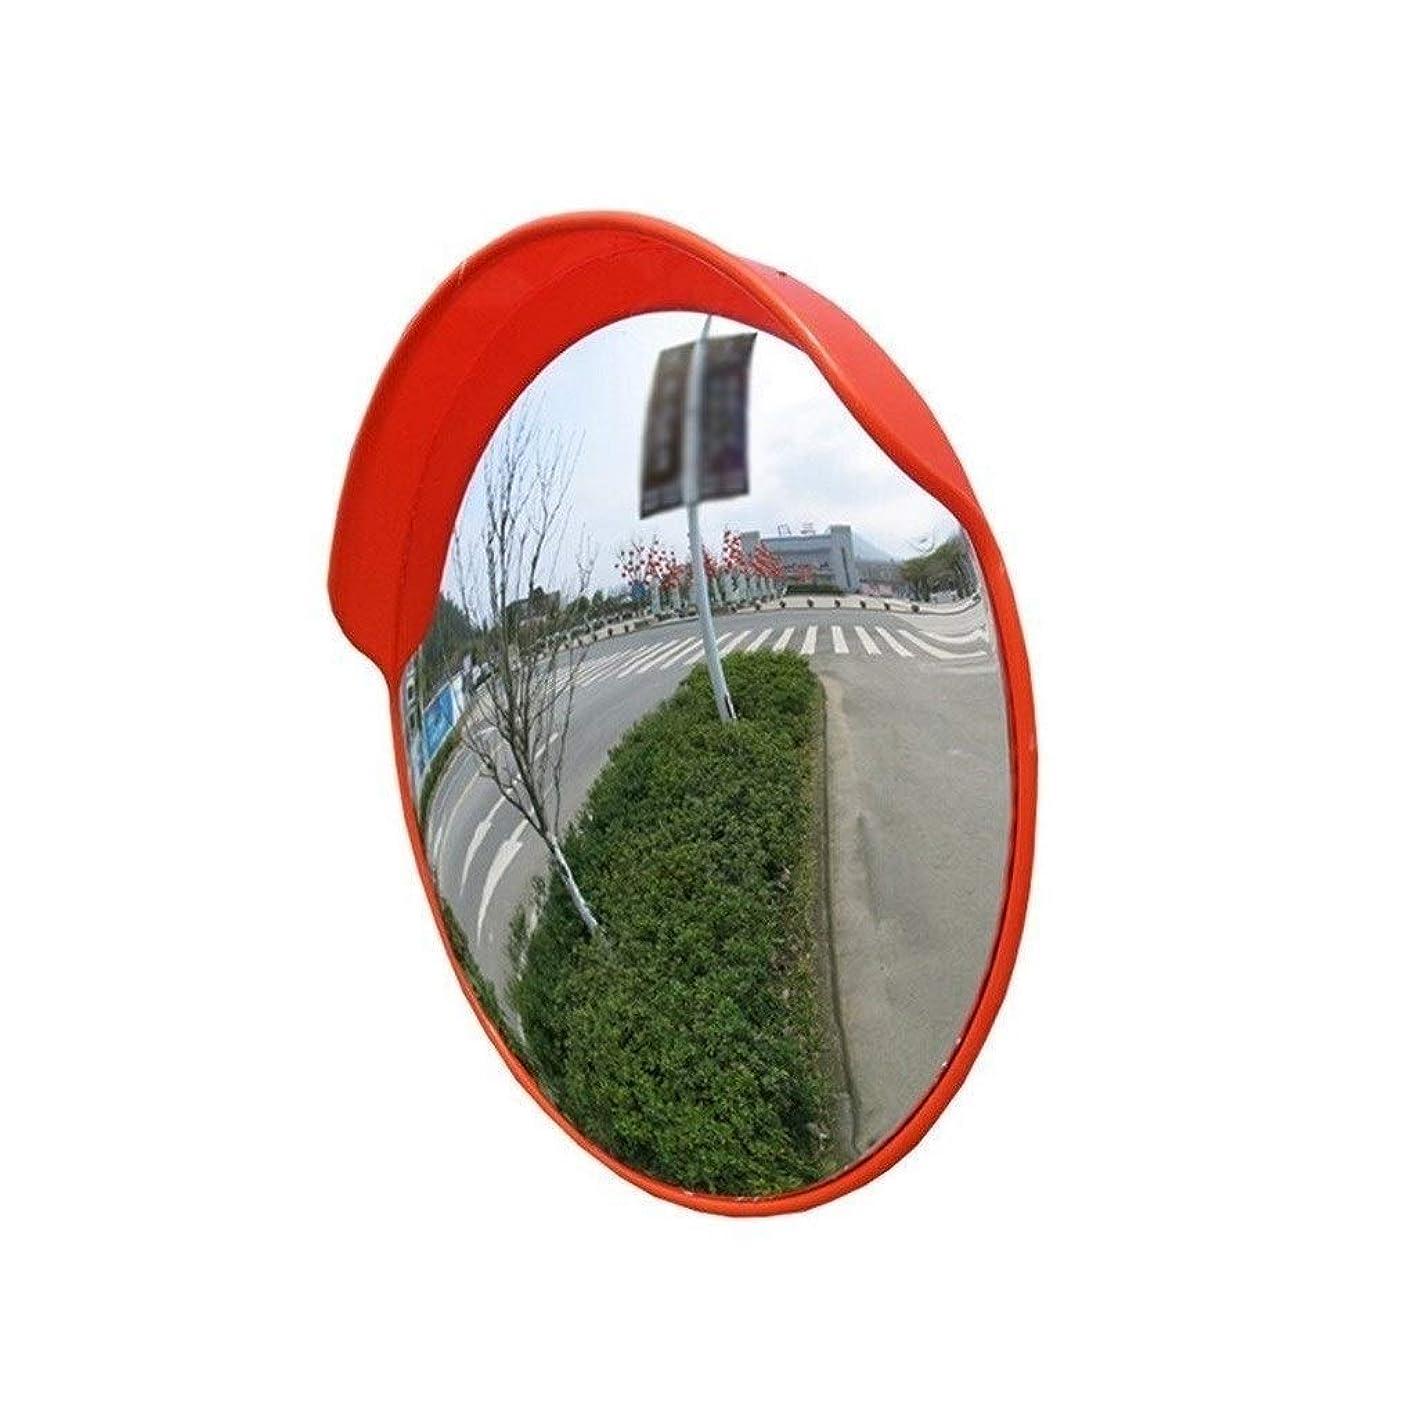 小さな口ひげビクター交差点ターニングミラー、防雨日焼け止めトラフィックミラー設置が簡単凸面安全ミラー直径:45-100CM(サイズ:45CM)